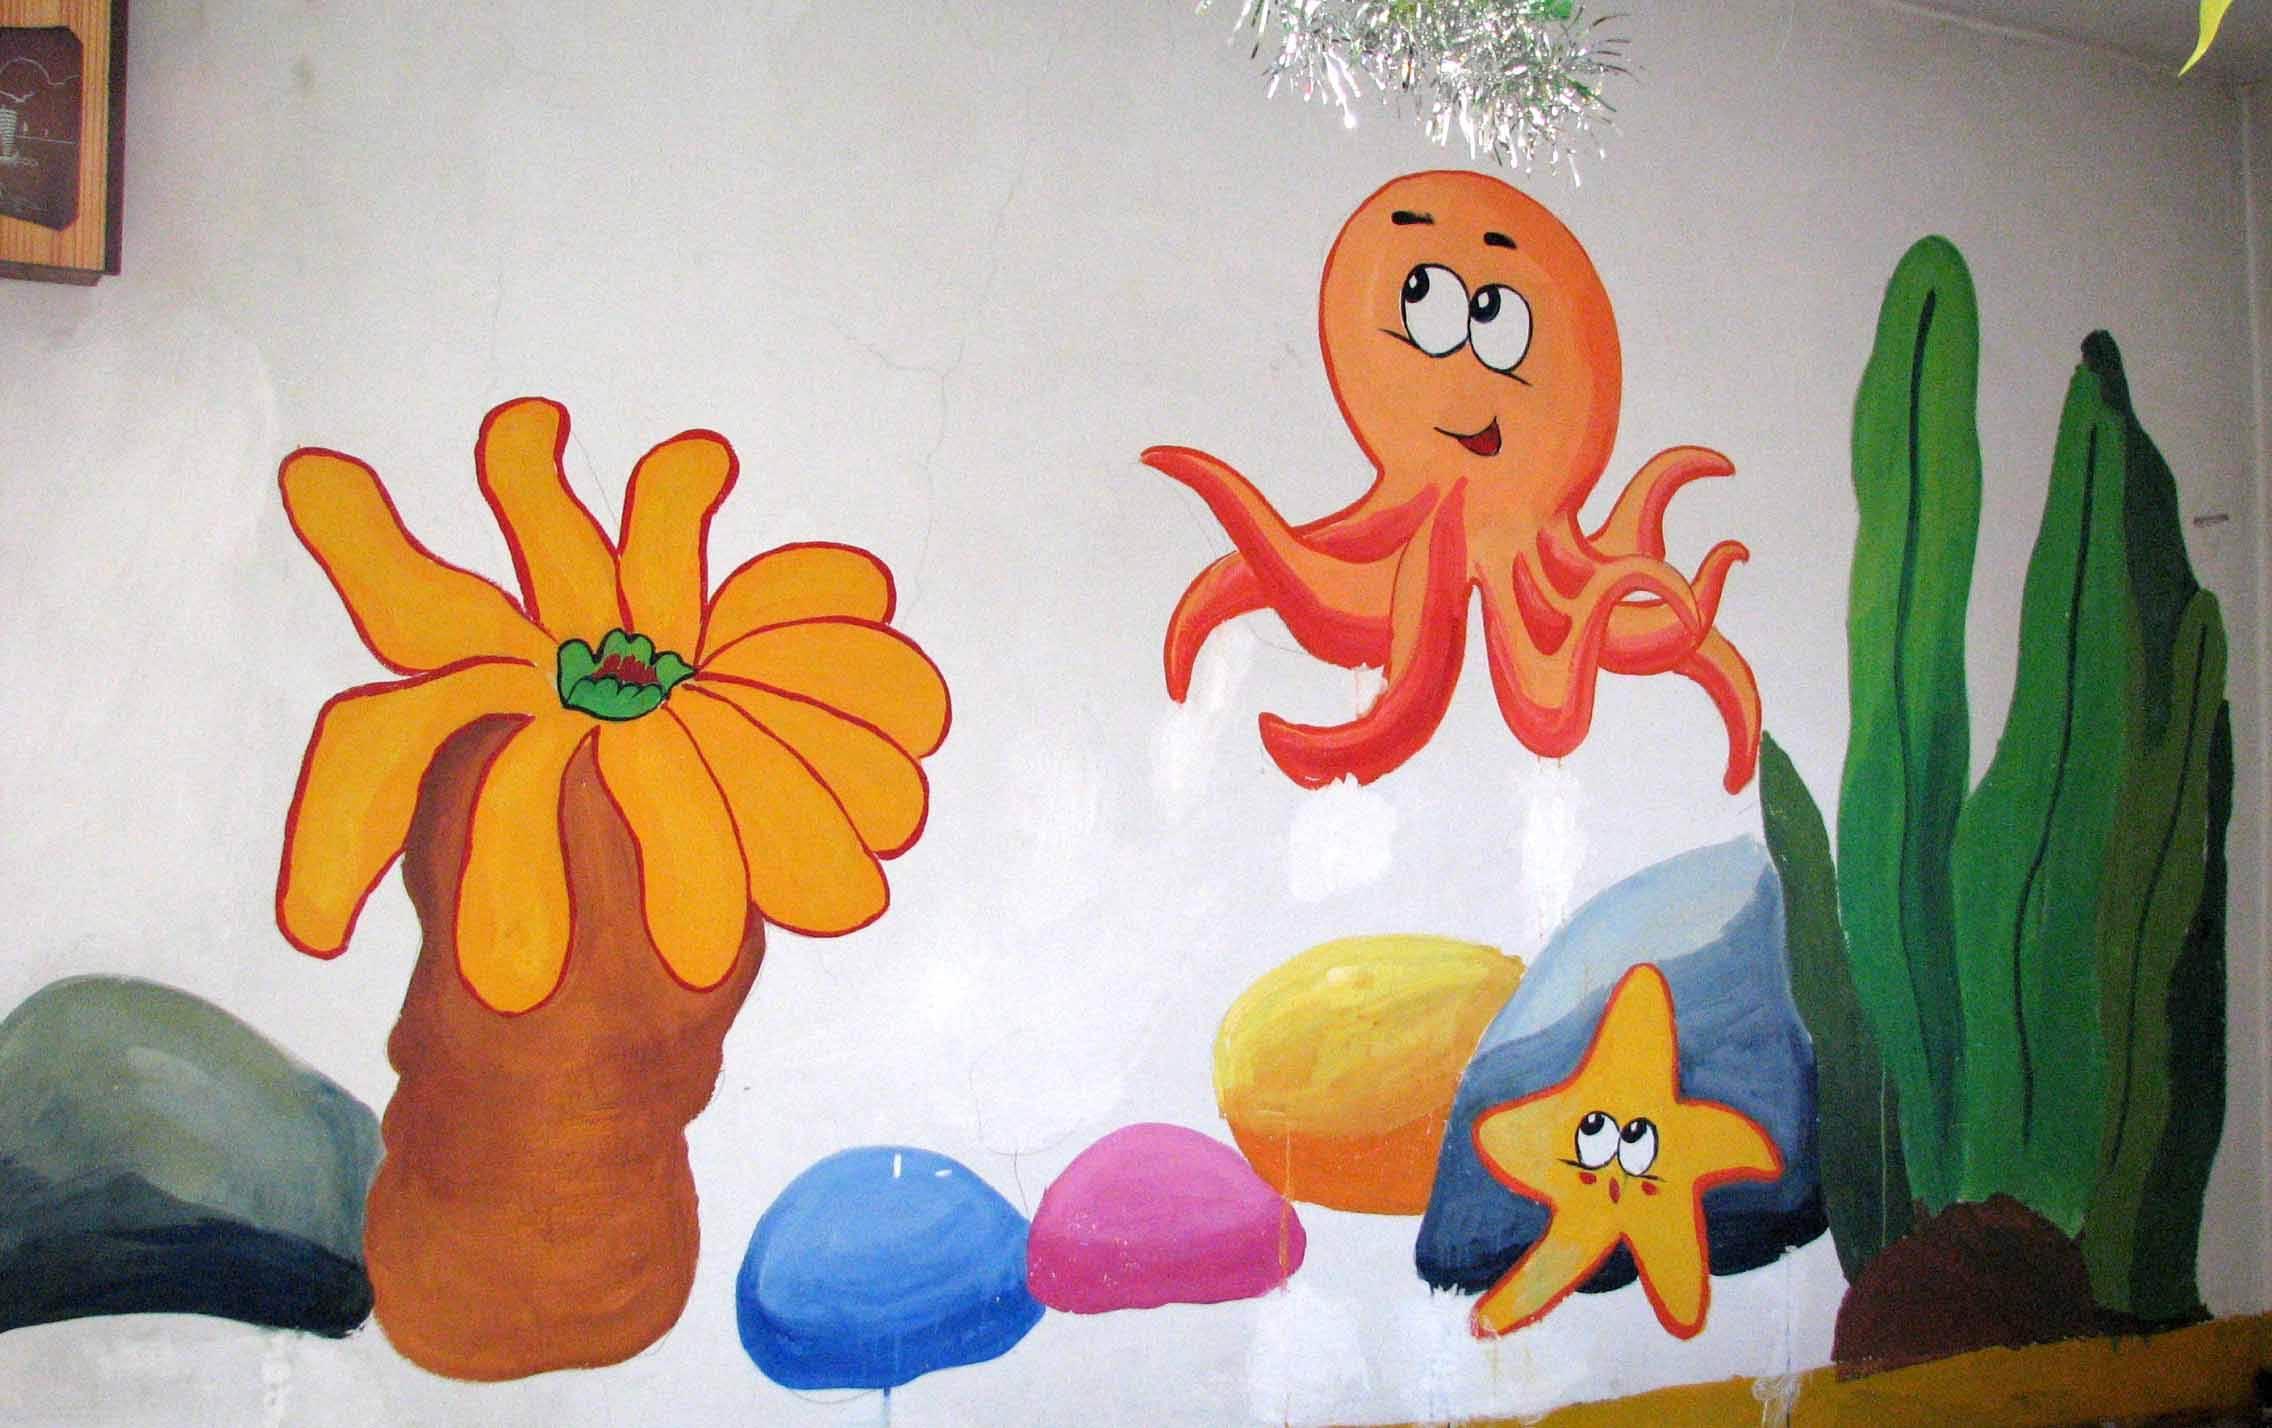 幼儿园墙画绘制用料选择 幼儿园墙面选择什么画好图片